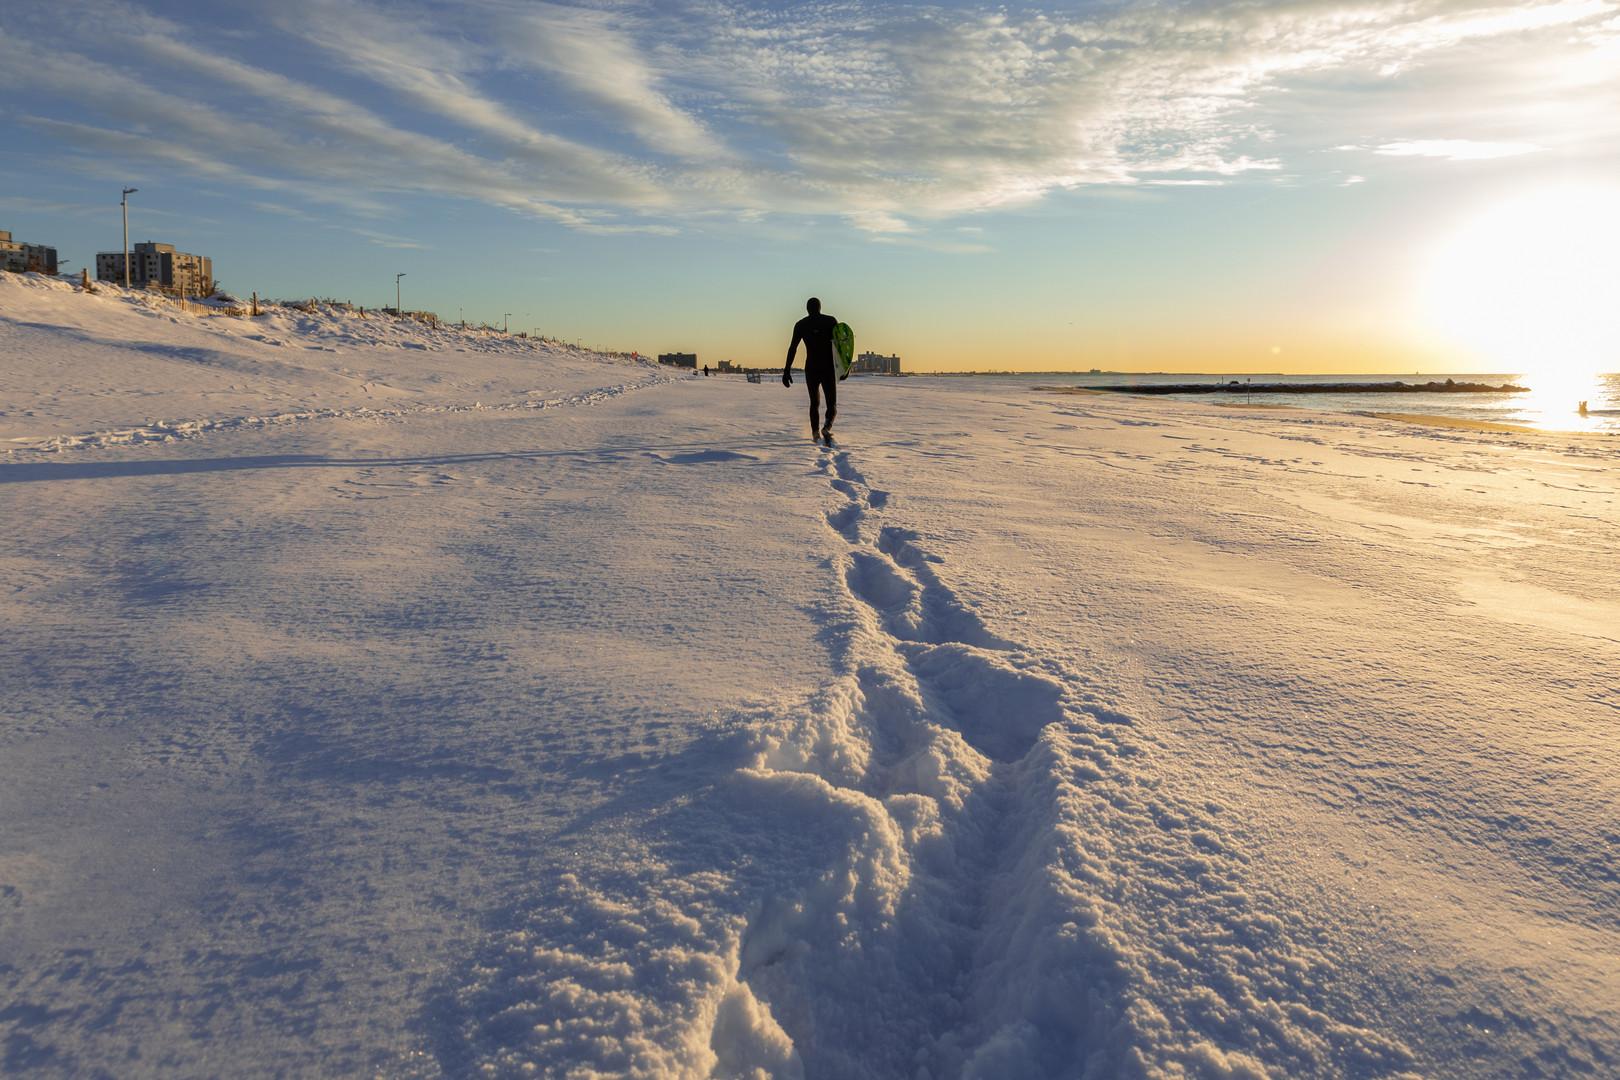 210208-Moran-MTucker-Winter_Surf (6 of 2